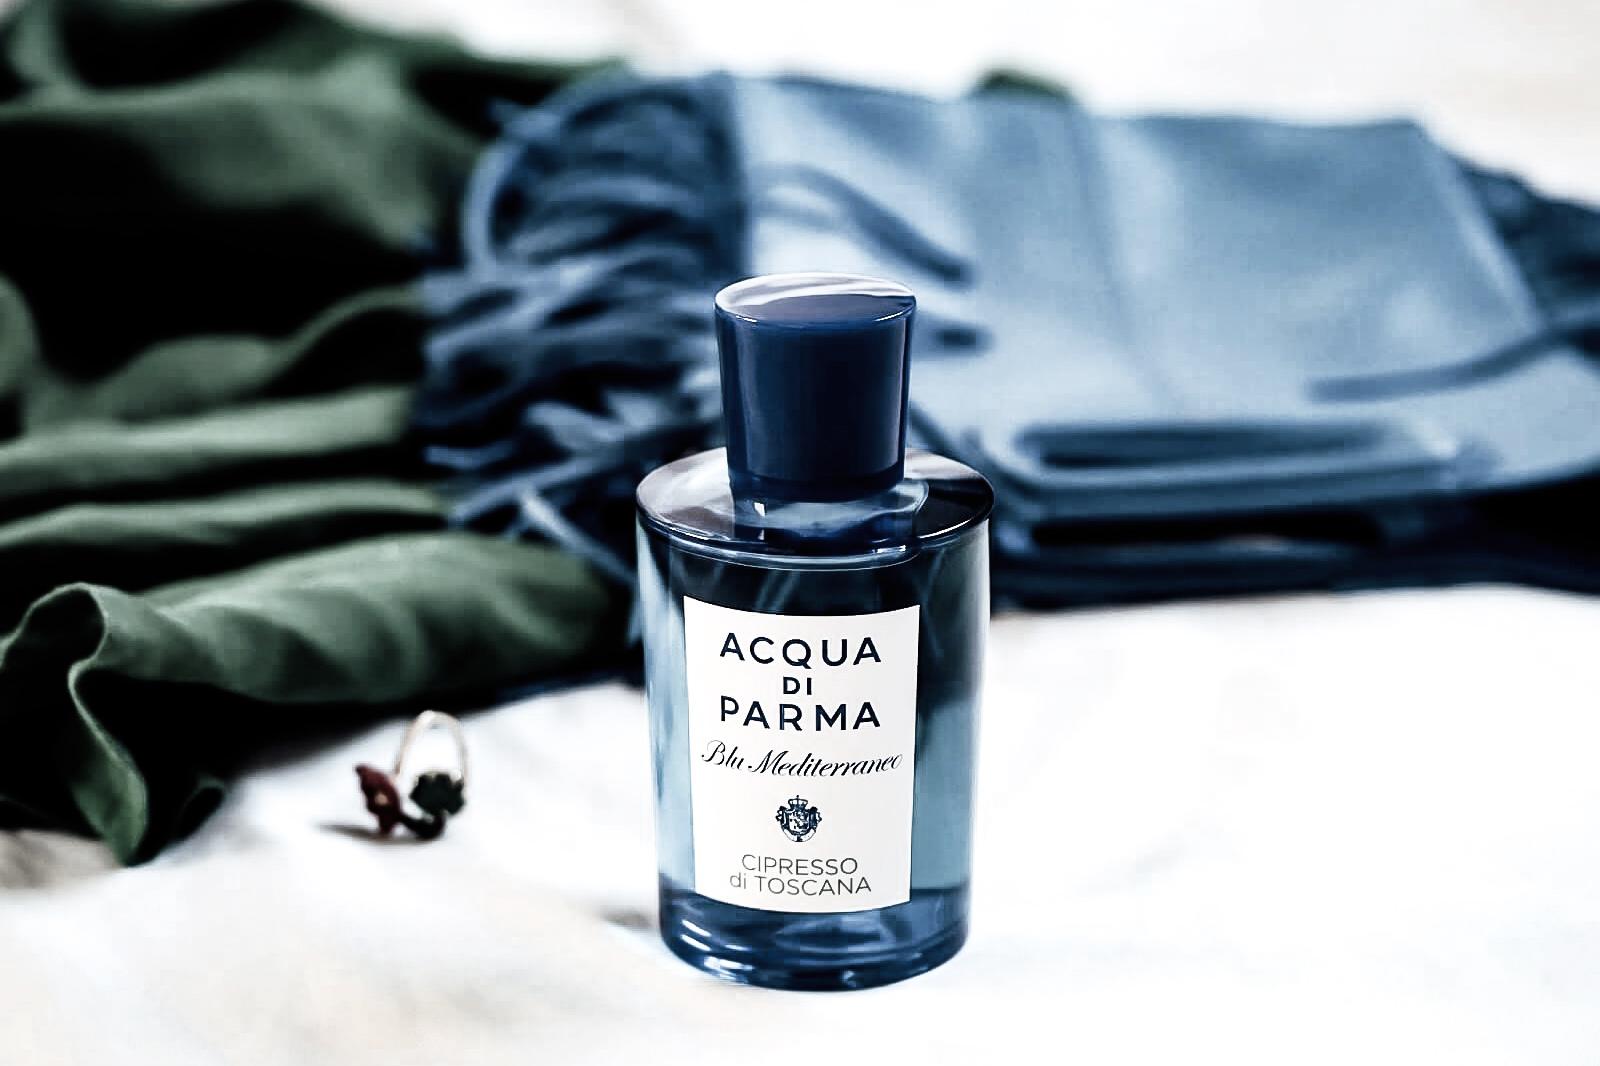 acqua di parma blu mediterraneo cipresso di toscana parfum avis test